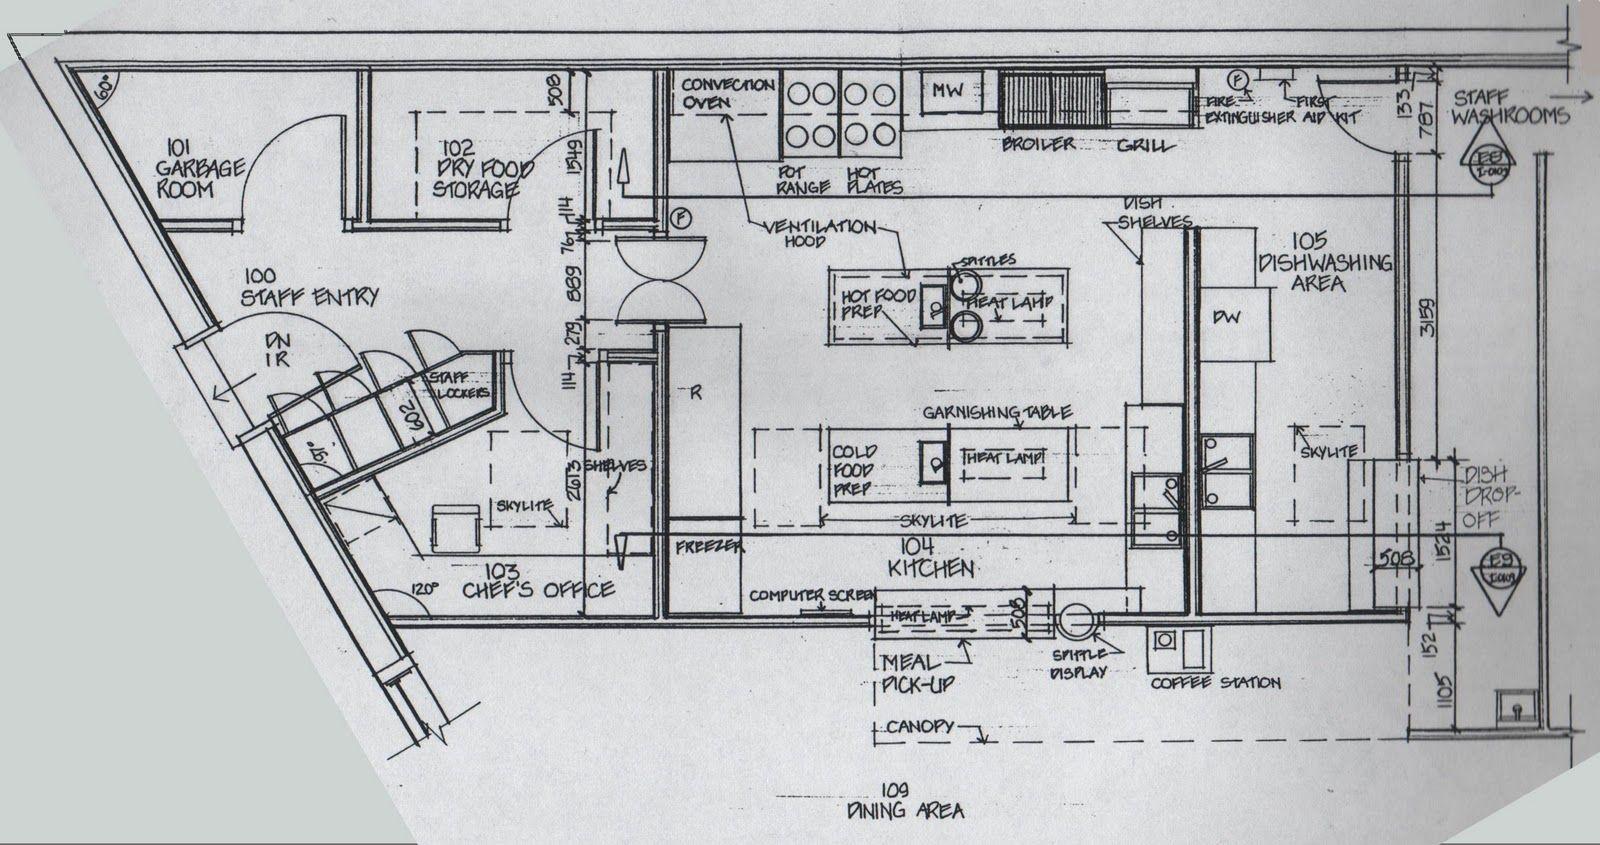 restaurant open kitchen layout design ideas 15070 kitchen ideas design [ 1600 x 845 Pixel ]